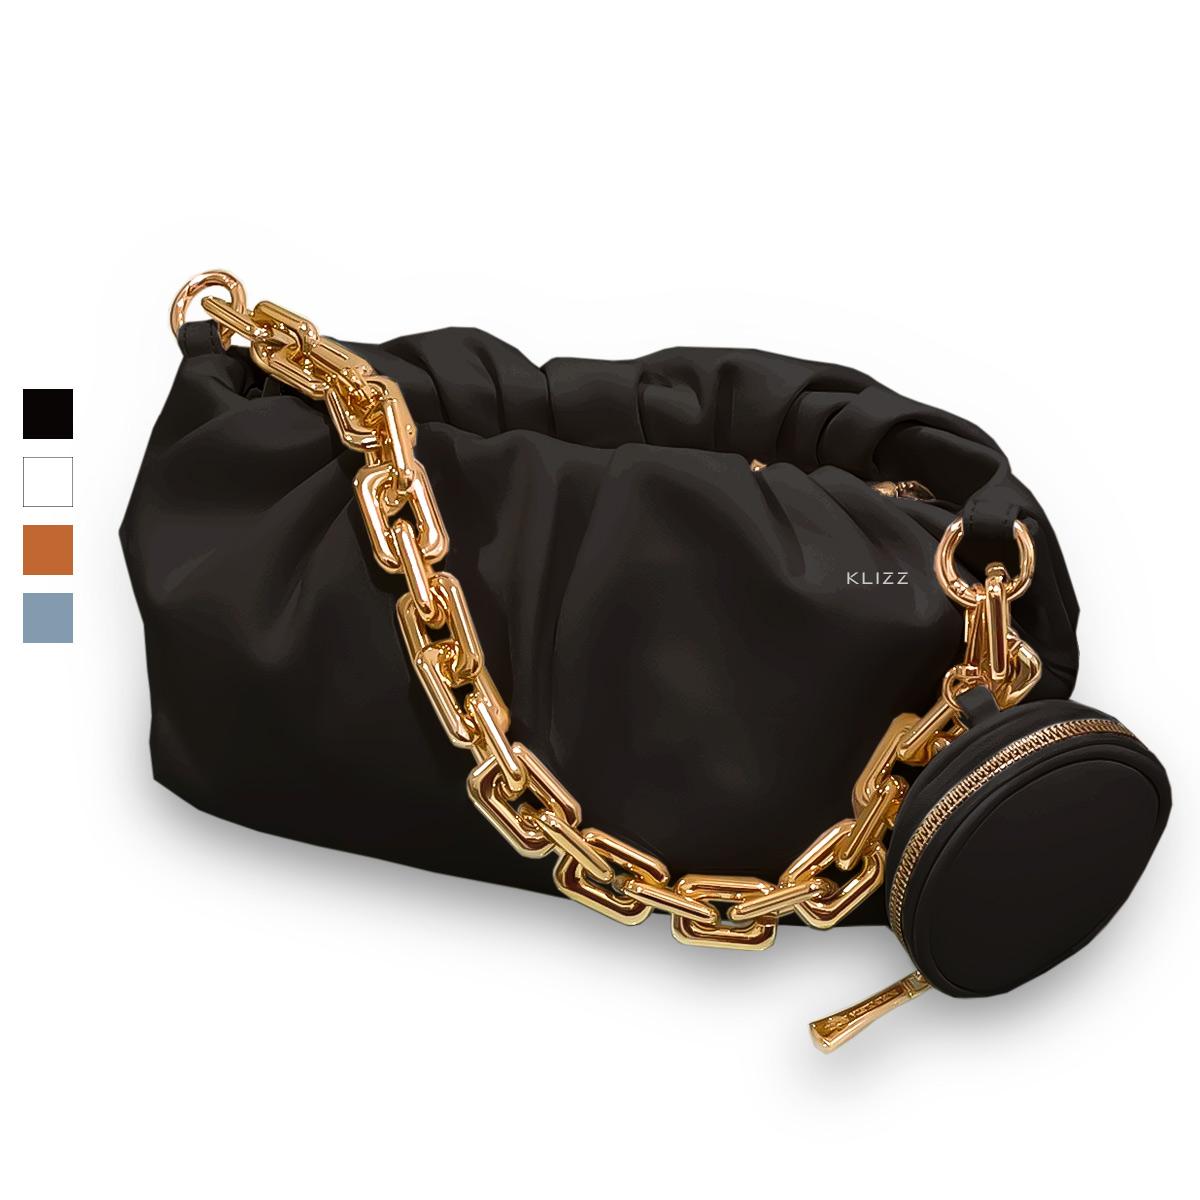 Bolsa Feminina KLIZZ Chain Em Couro Zíper Corrente Dourada